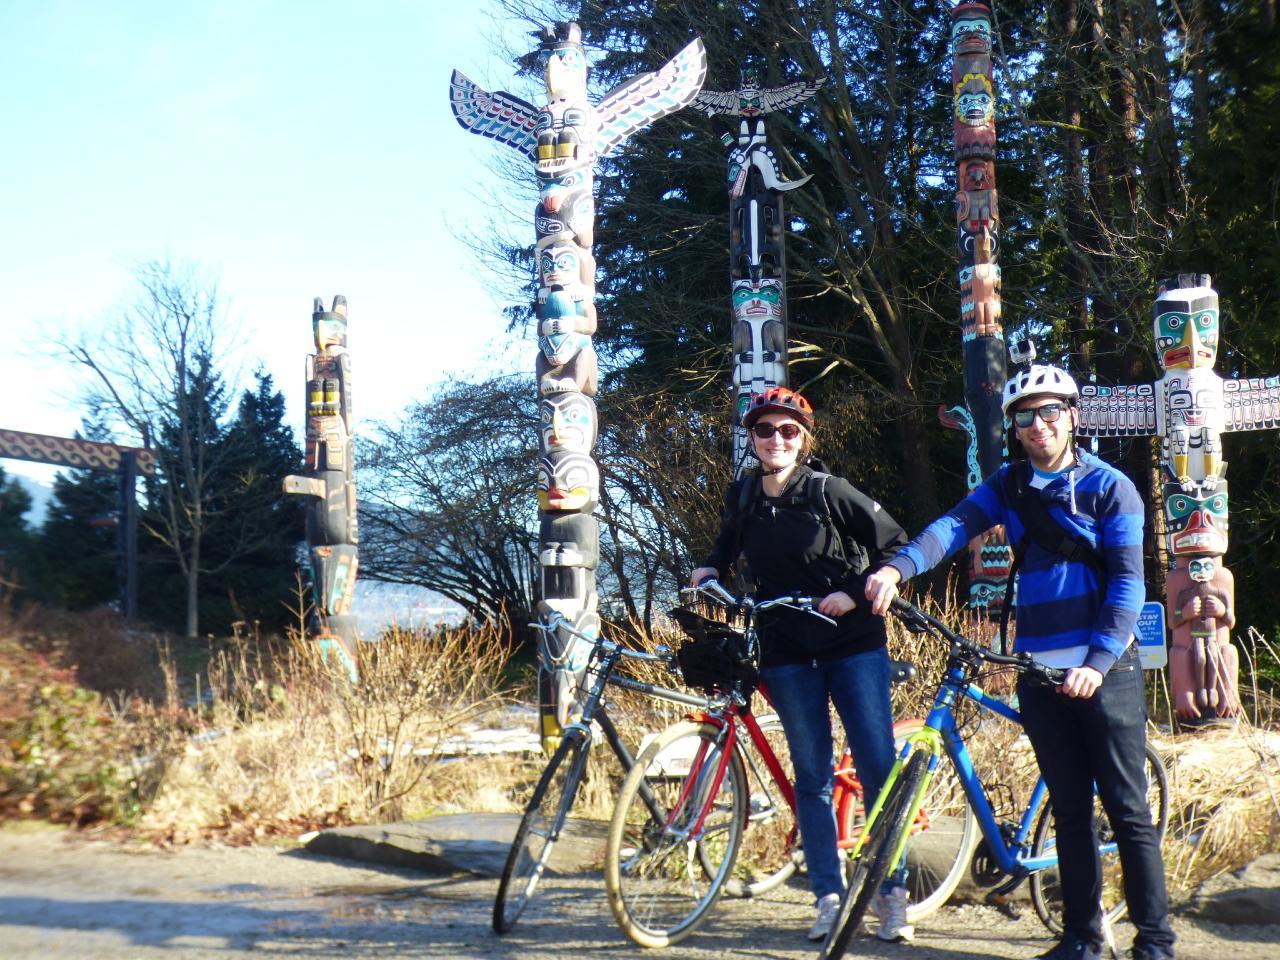 Stanley Park Rainforest bike tour - Morning